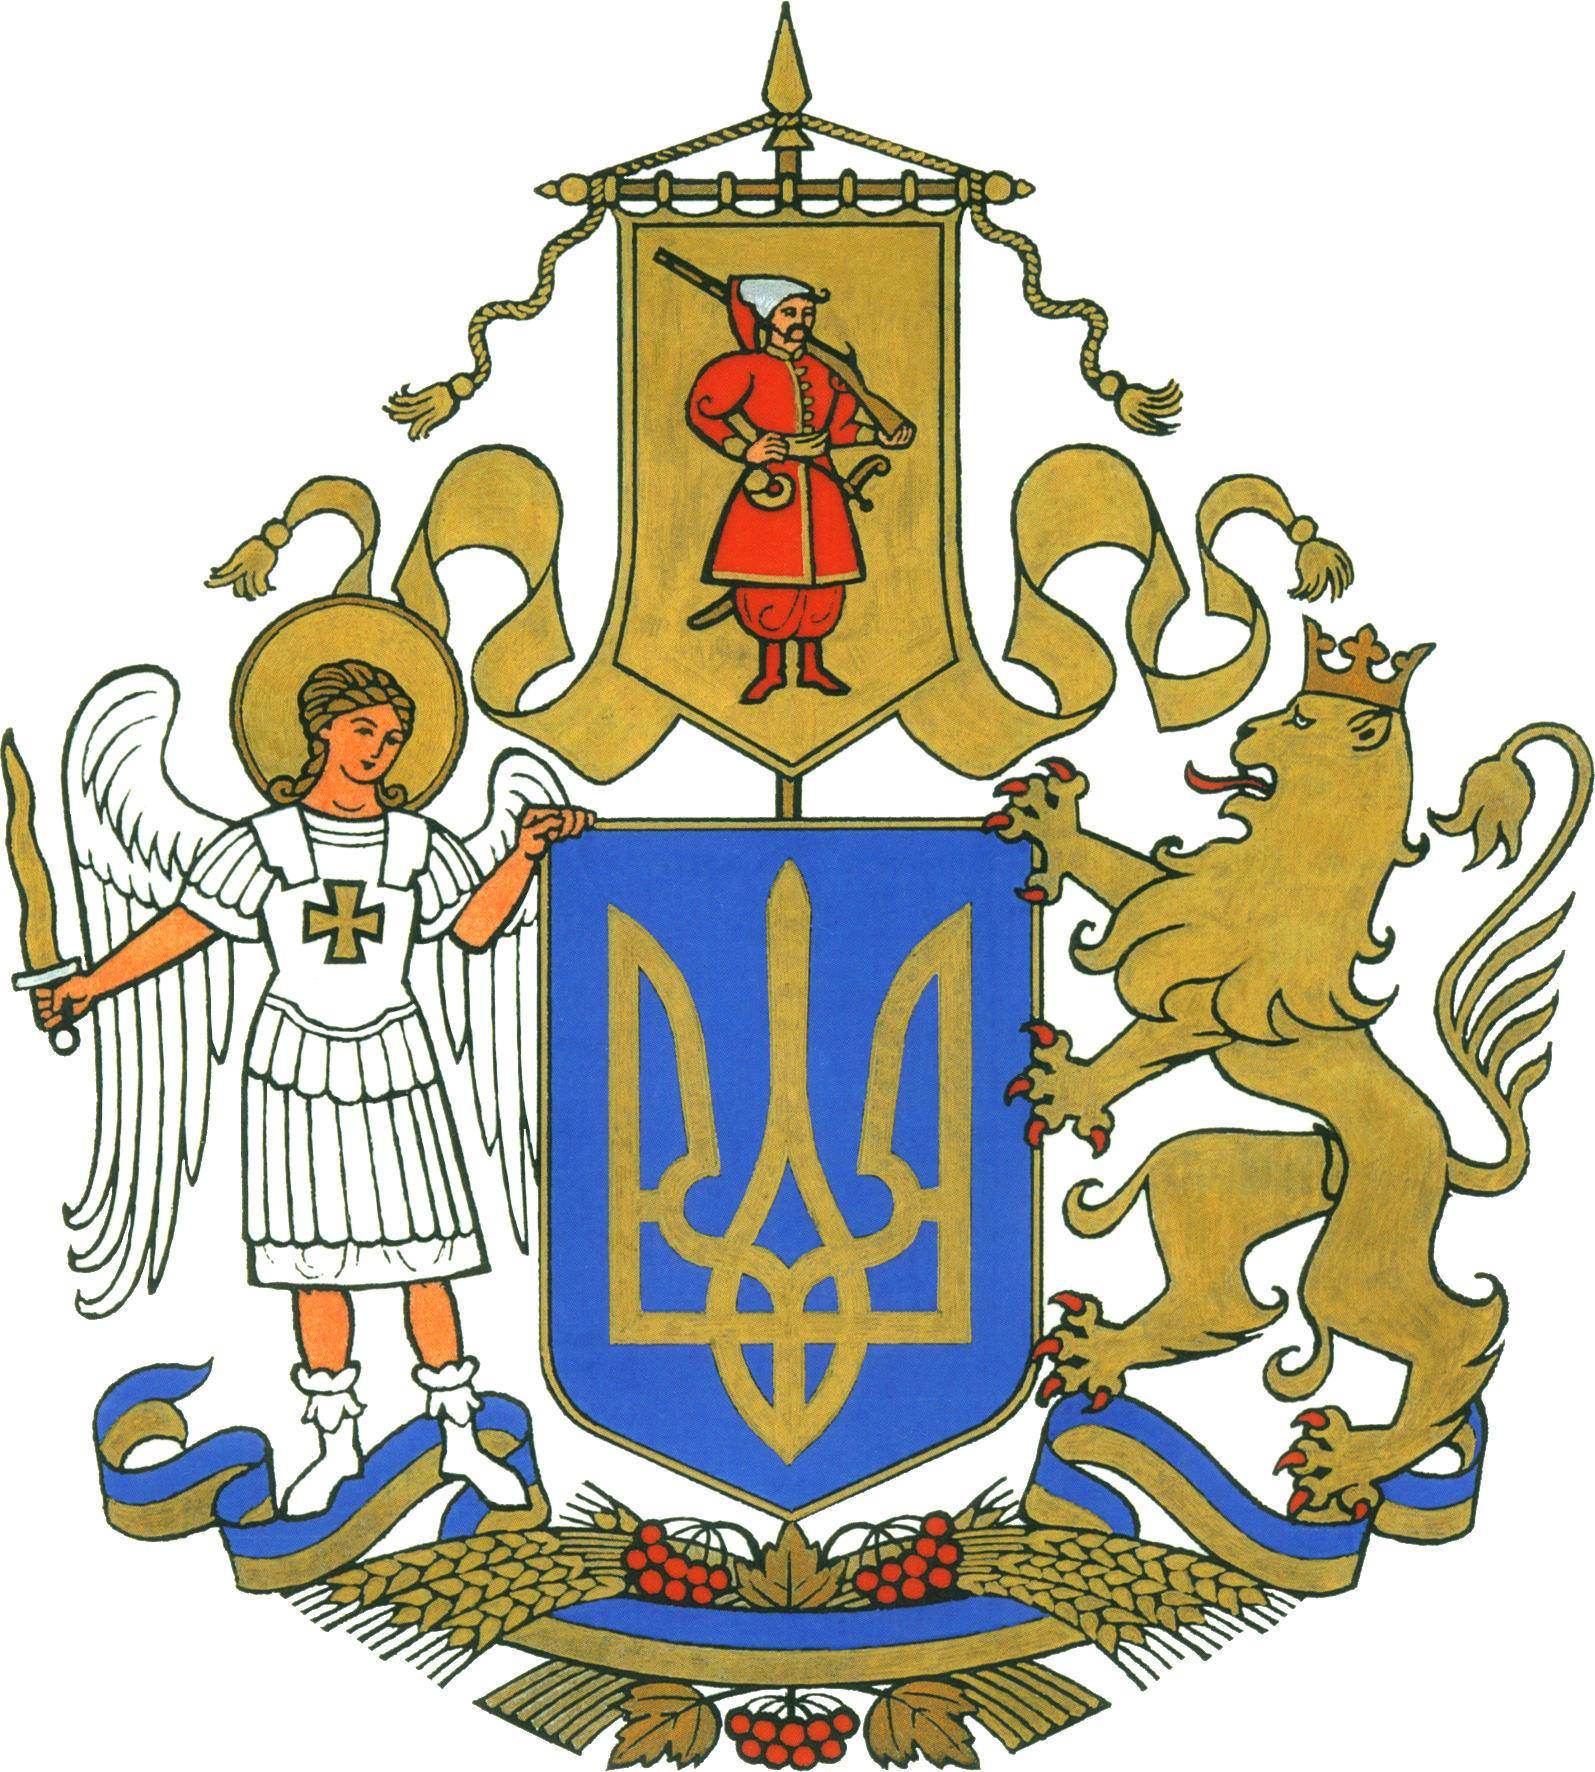 Конкурс завершено: який ескіз великого Державного герба України визнали кращим - конкурс, Зеленський, держава - Q ENguxHKXdvzK5ADcOqnQ